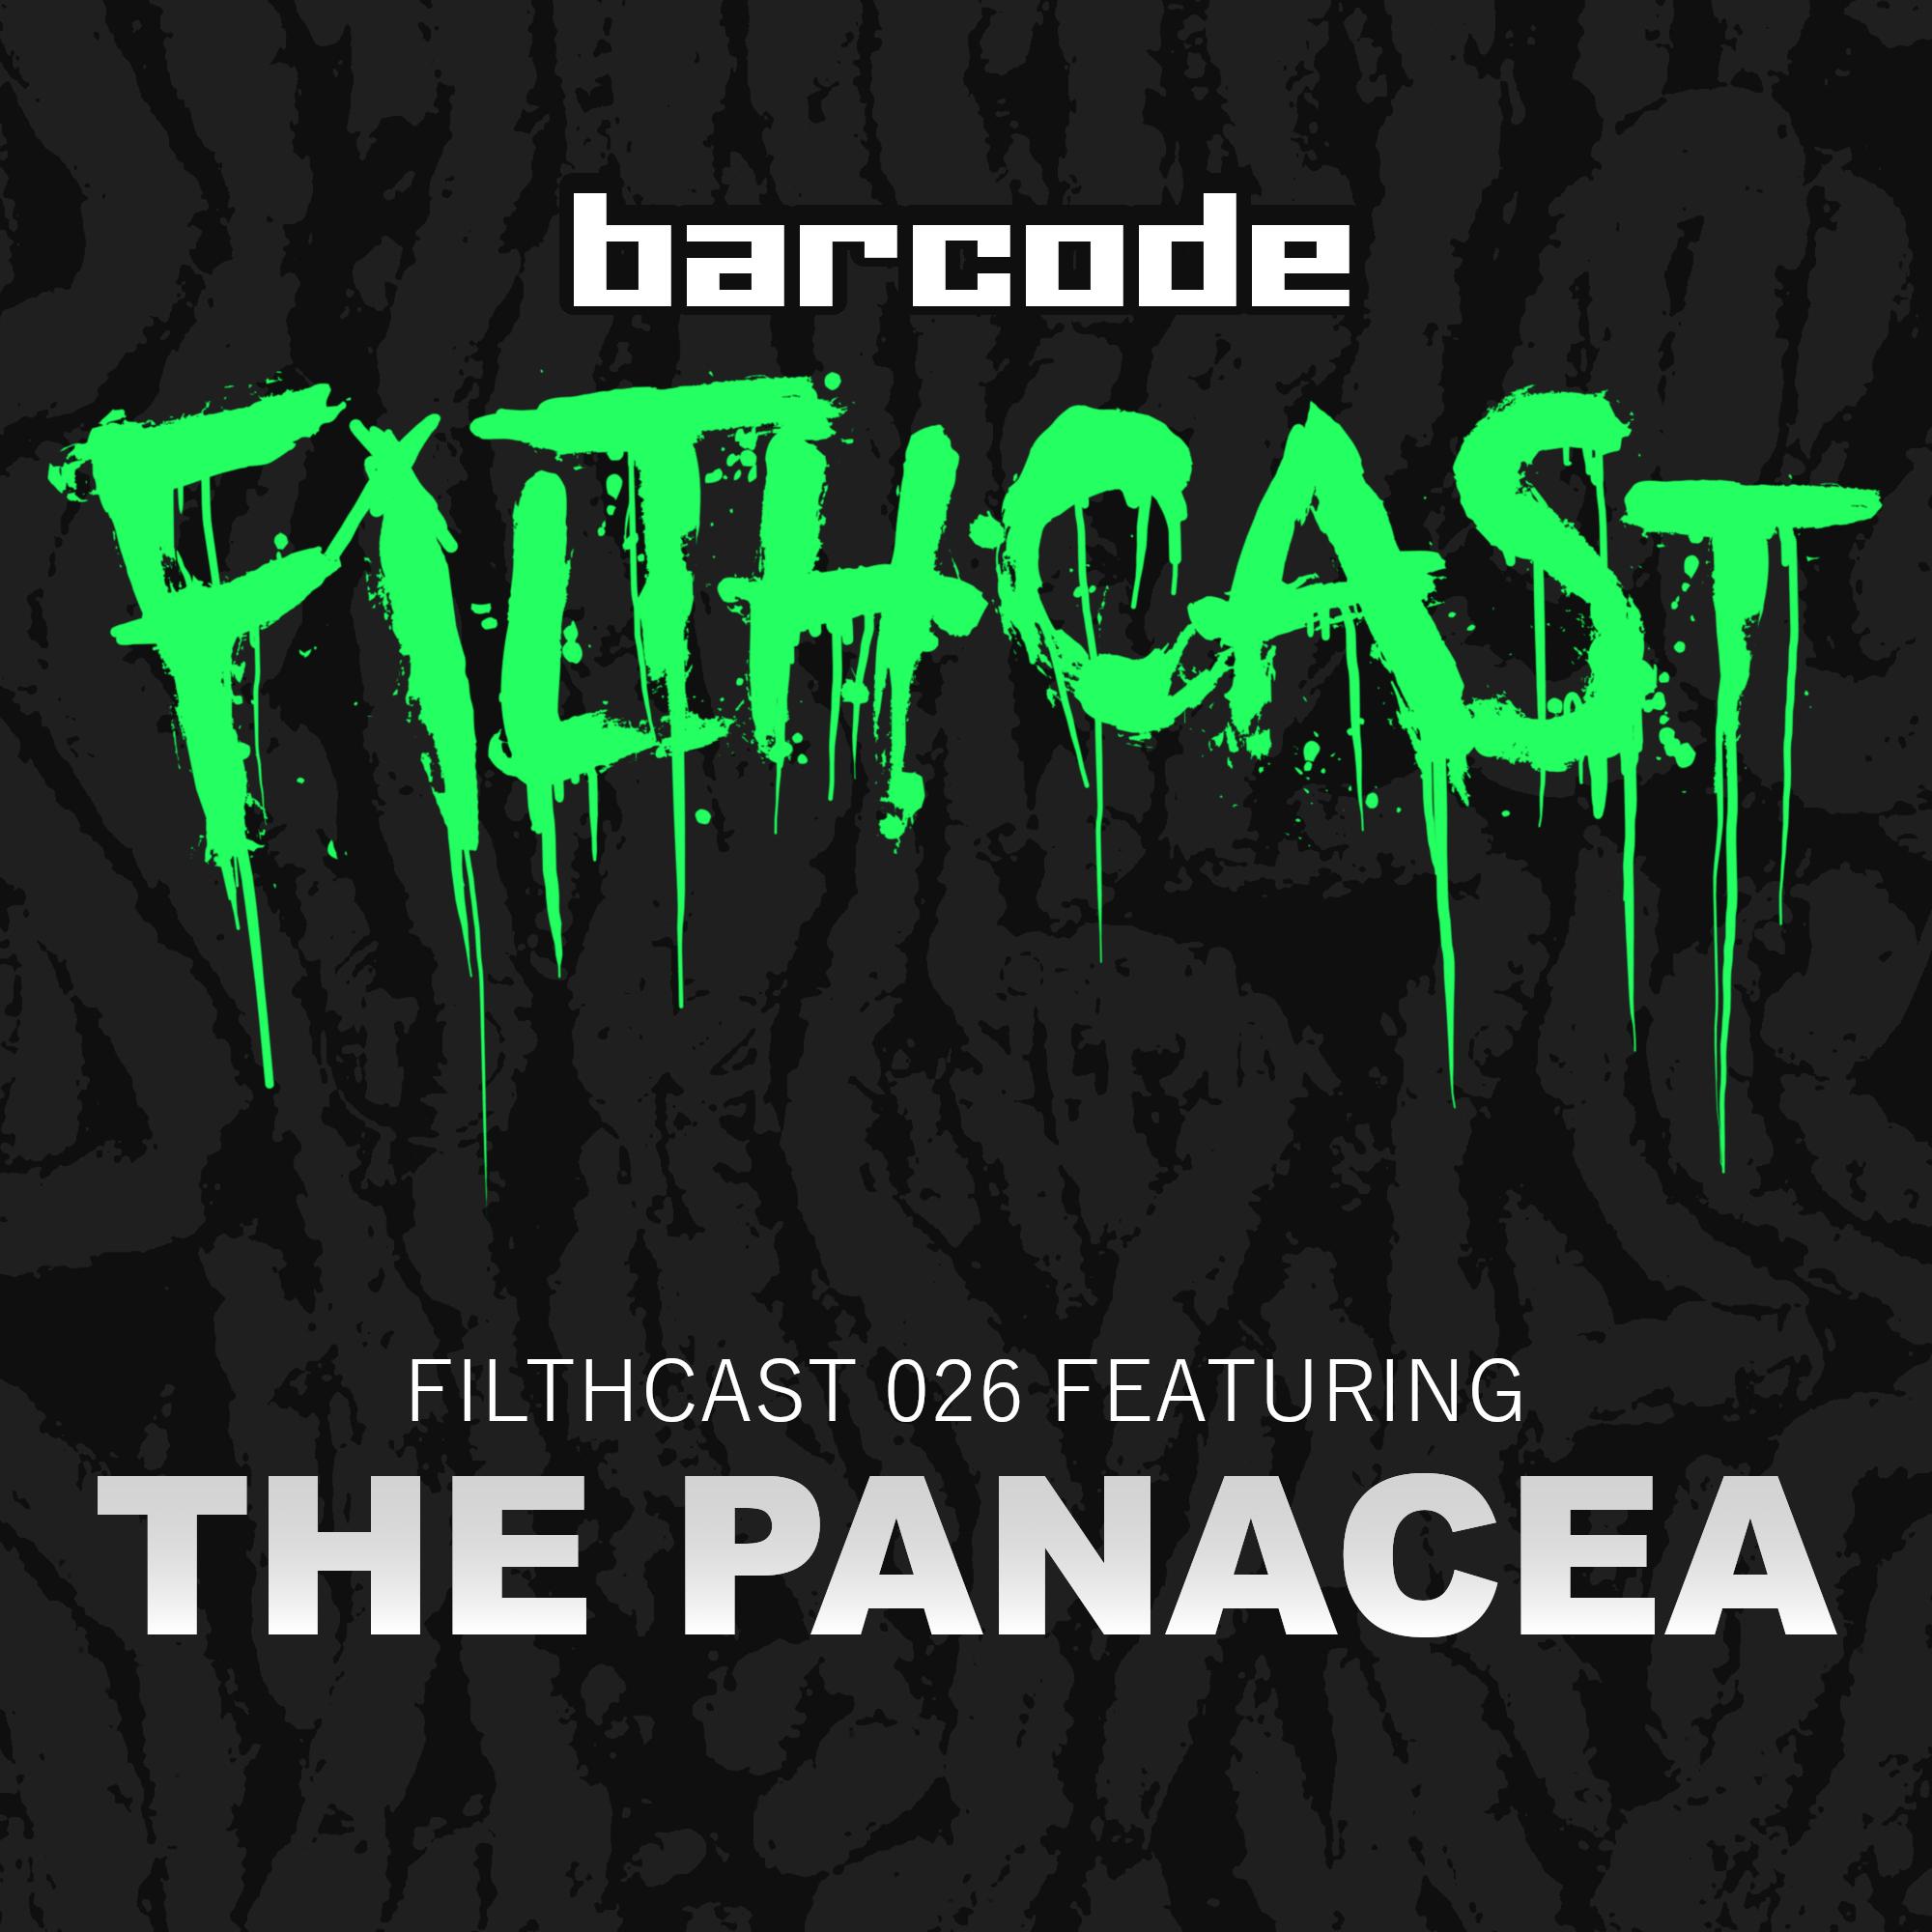 Mit seinem neuerlichem Musikalbum 'Chiropteran' ist Die Panacea einer der bekanntesten Personen in der elektronischen Tanzmusik Industrie. Seiner Filthcast spannend und einnehmend ist. Du wirst genießen. Translation: OMFG The Panacea!